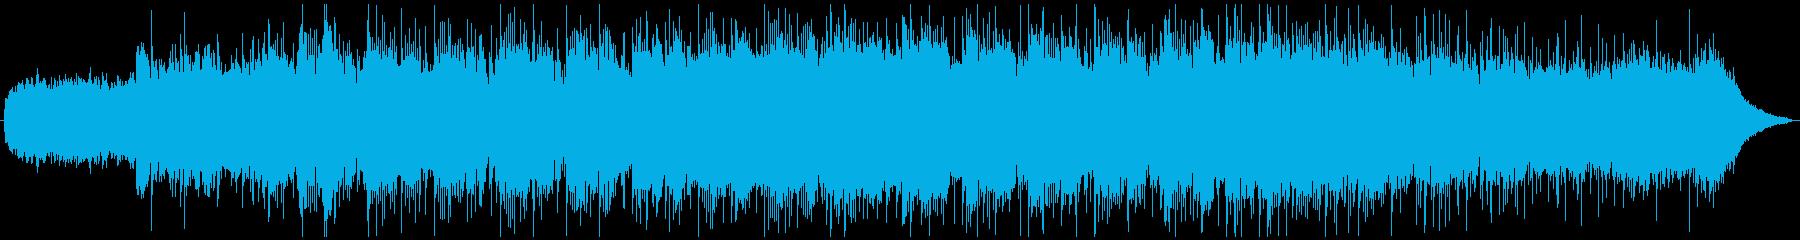 ゆったりとしたビートが特徴のチルアウトの再生済みの波形